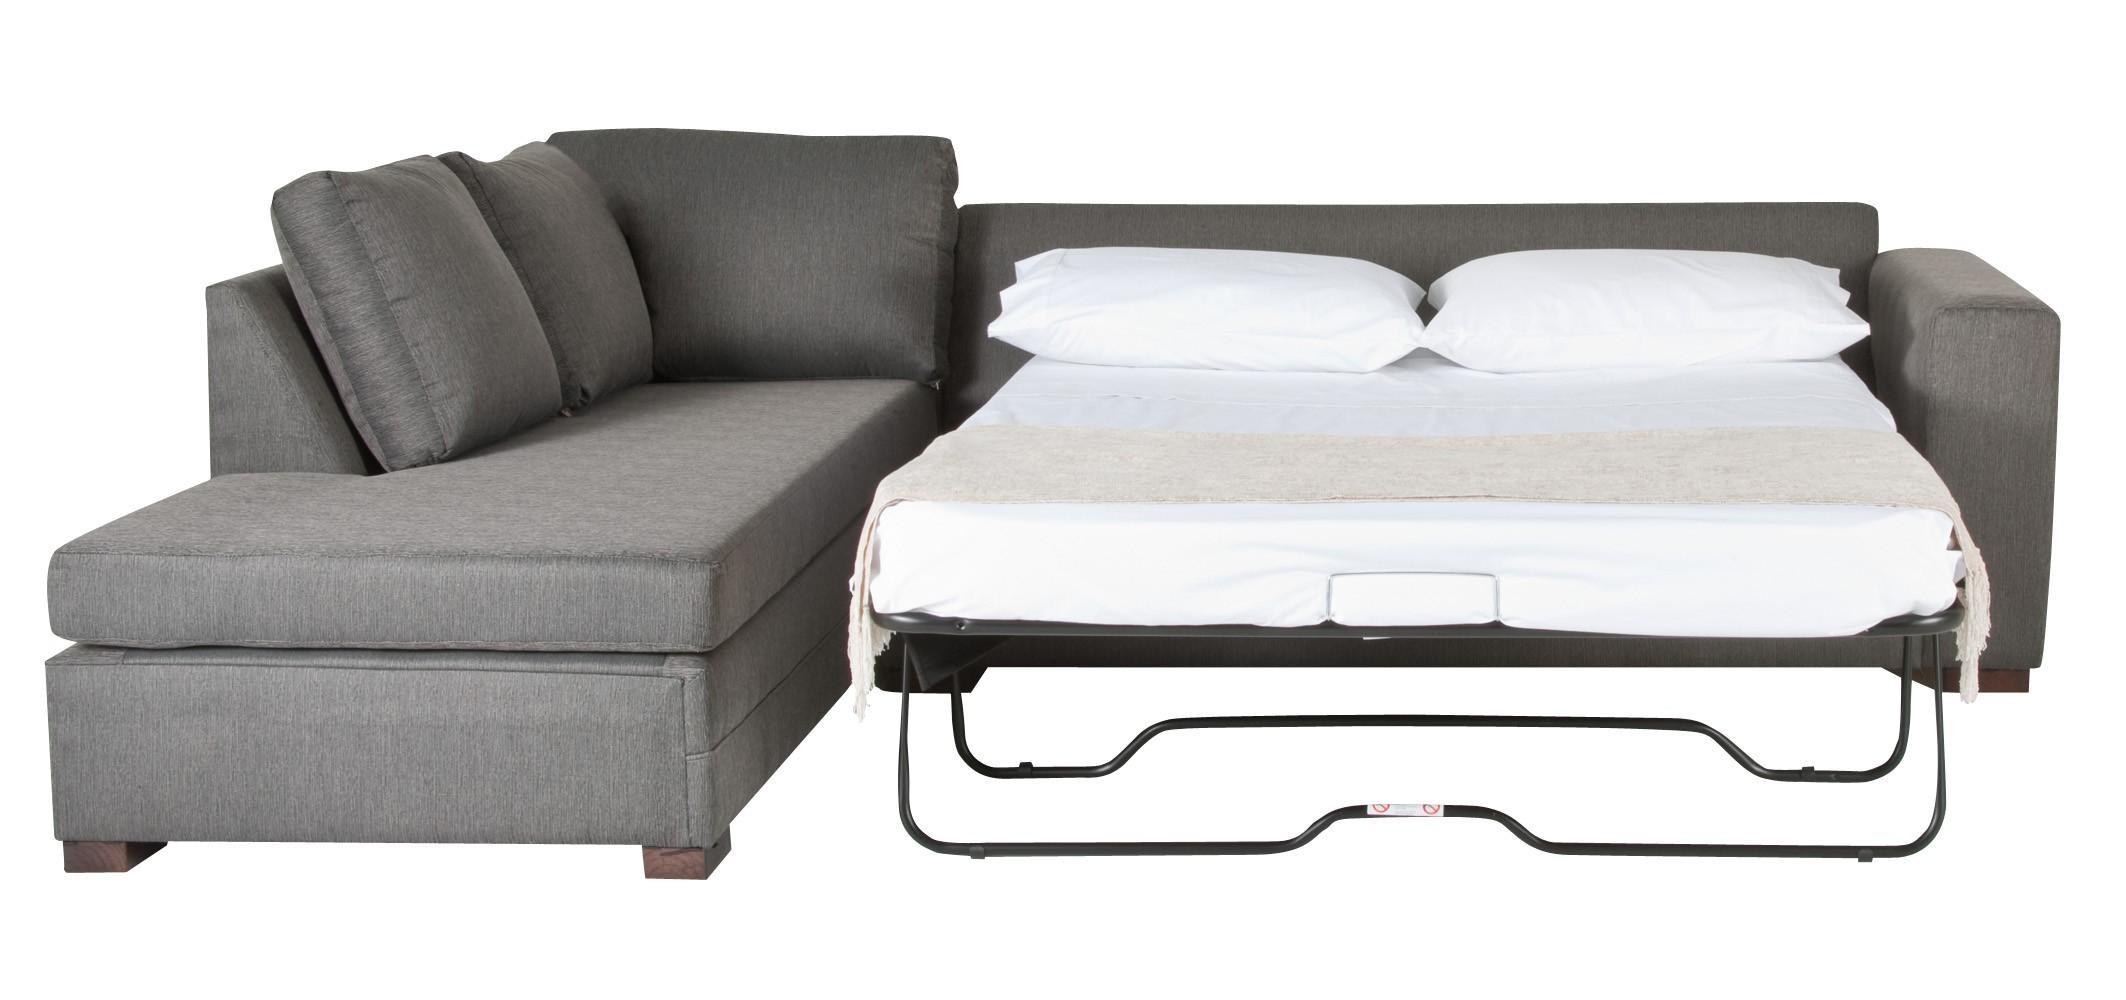 sofa sheets blue fabric sofas uk 20 photos queen sleeper ideas